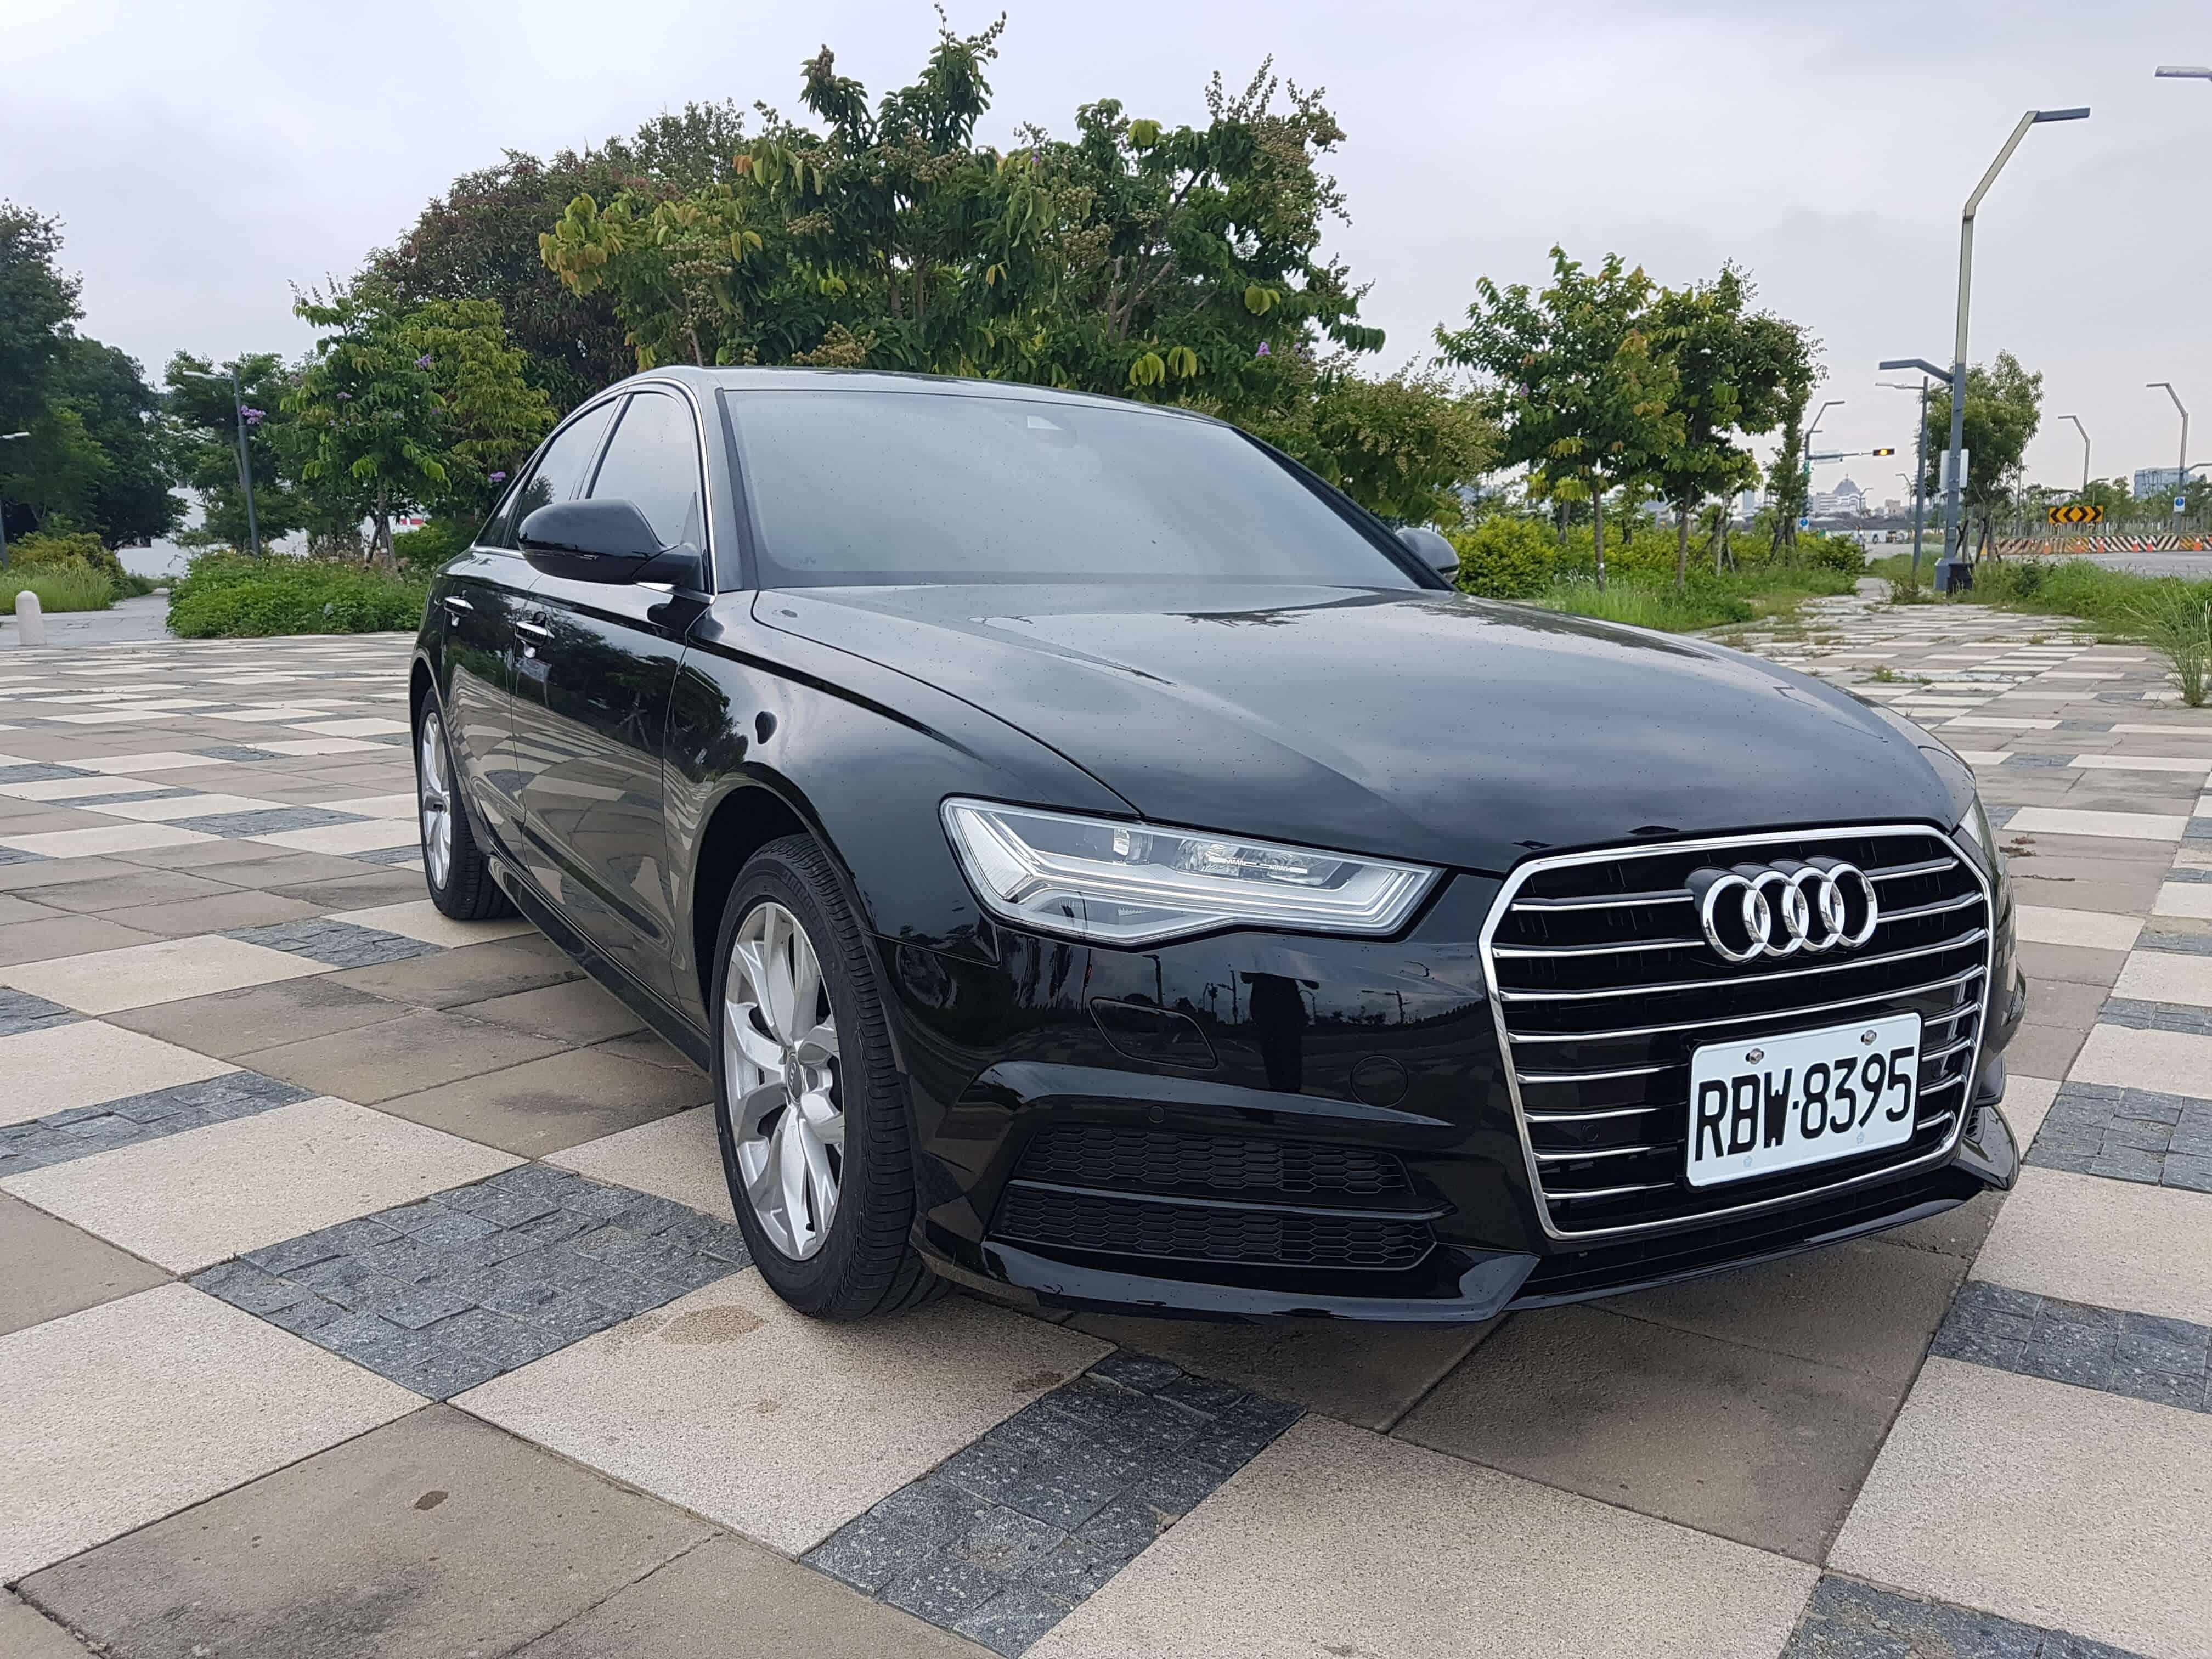 Audi A6 35 TFSI 1800c.c